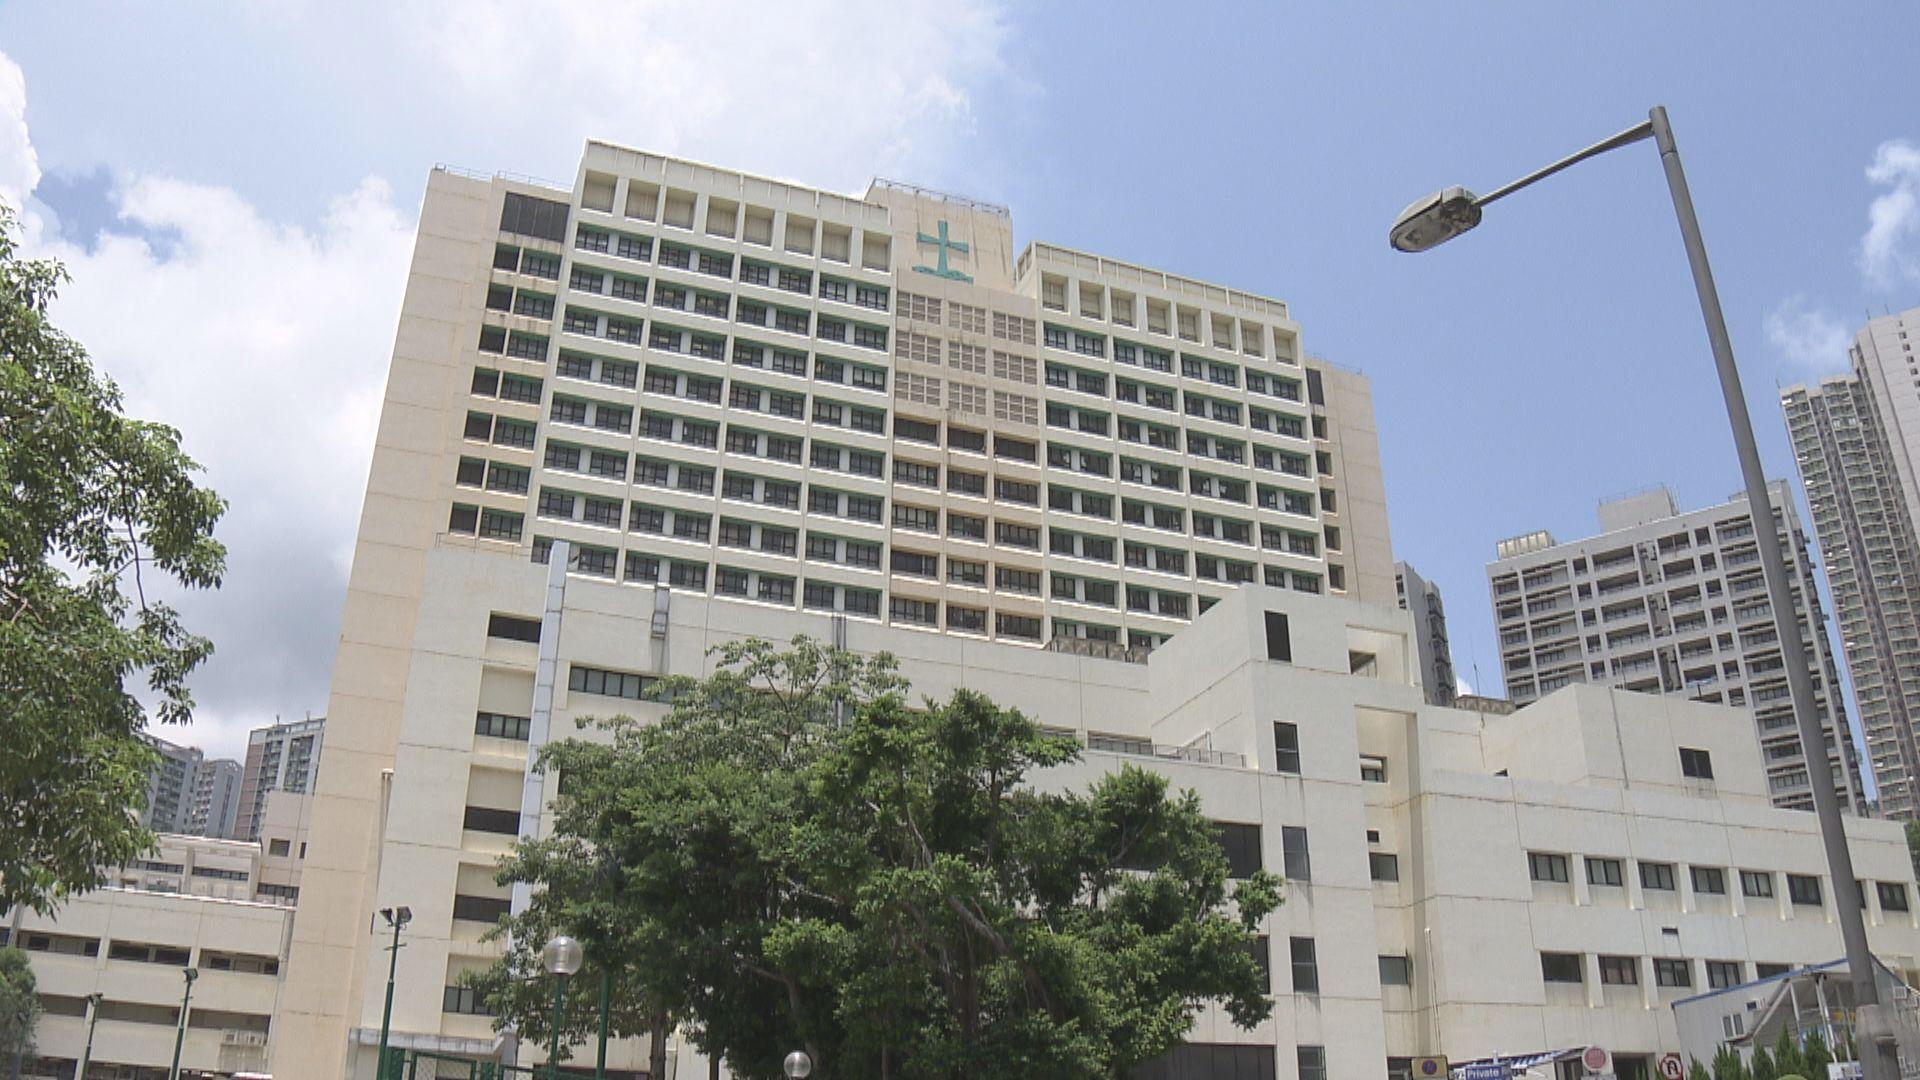 聯合醫院一名男病人初步確診 四名同病格病人需檢疫